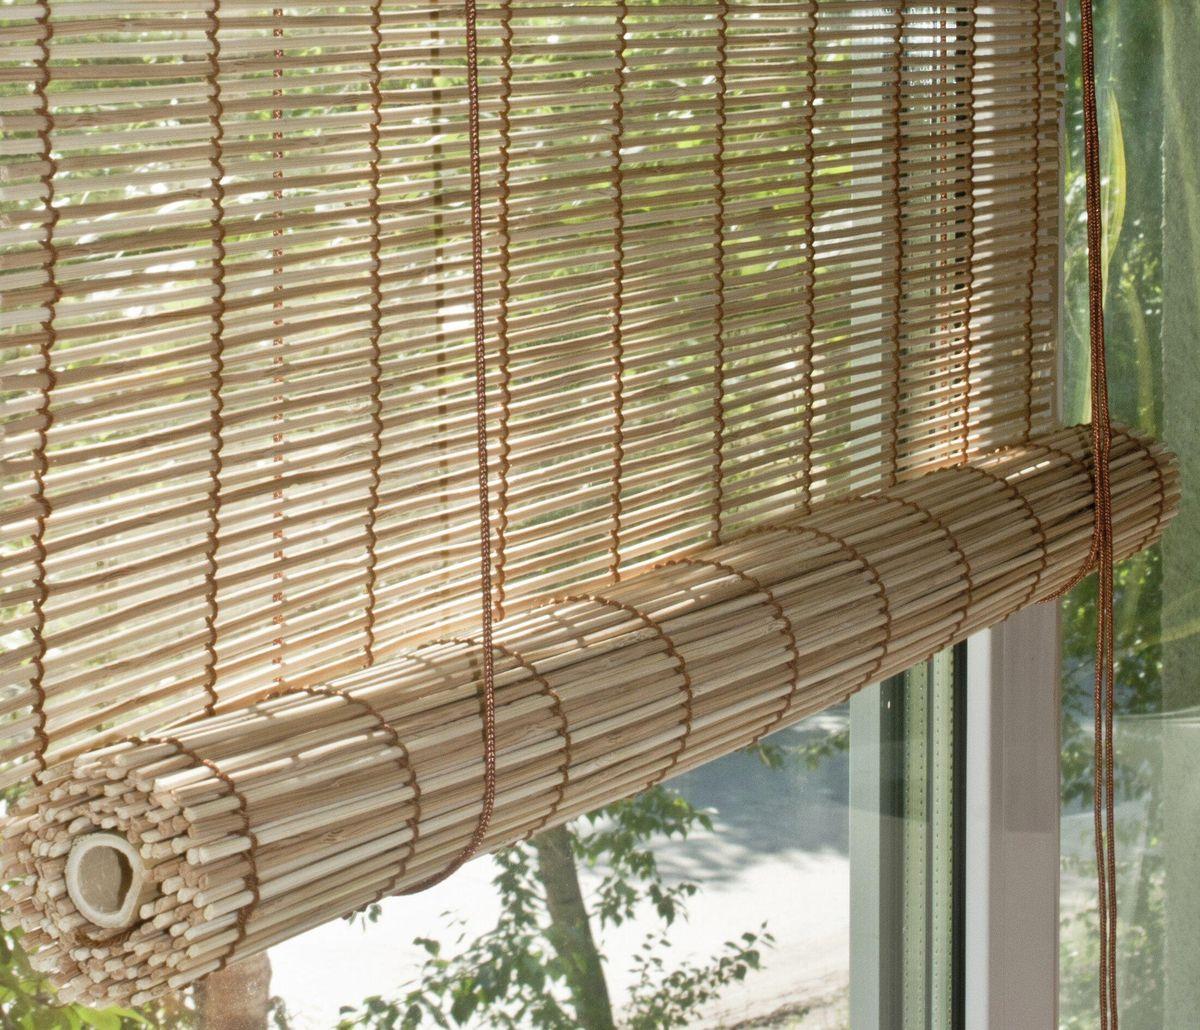 Штора рулонная Эскар Бамбук, цвет: натуральный микс, ширина 80 см, высота 160 см71909080180При оформлении интерьера современных помещений многие отдают предпочтение природным материалам. Бамбуковые рулонные шторы – одно из натуральных изделий, способное сделать атмосферу помещения более уютной и в то же время необычной. Свойства бамбука уникальны: он экологически чист, так как быстро вырастает, благодаря чему не успевает накопить вредные вещества из окружающей среды. Кроме того, растение обладает противомикробным и антибактериальным действием. Занавеси из бамбука безопасно использовать в помещениях, где находятся новорожденные дети и люди, склонные к аллергии. Они незаменимы для тех, кто заботится о своем здоровье и уделяет внимание высокому уровню жизни.